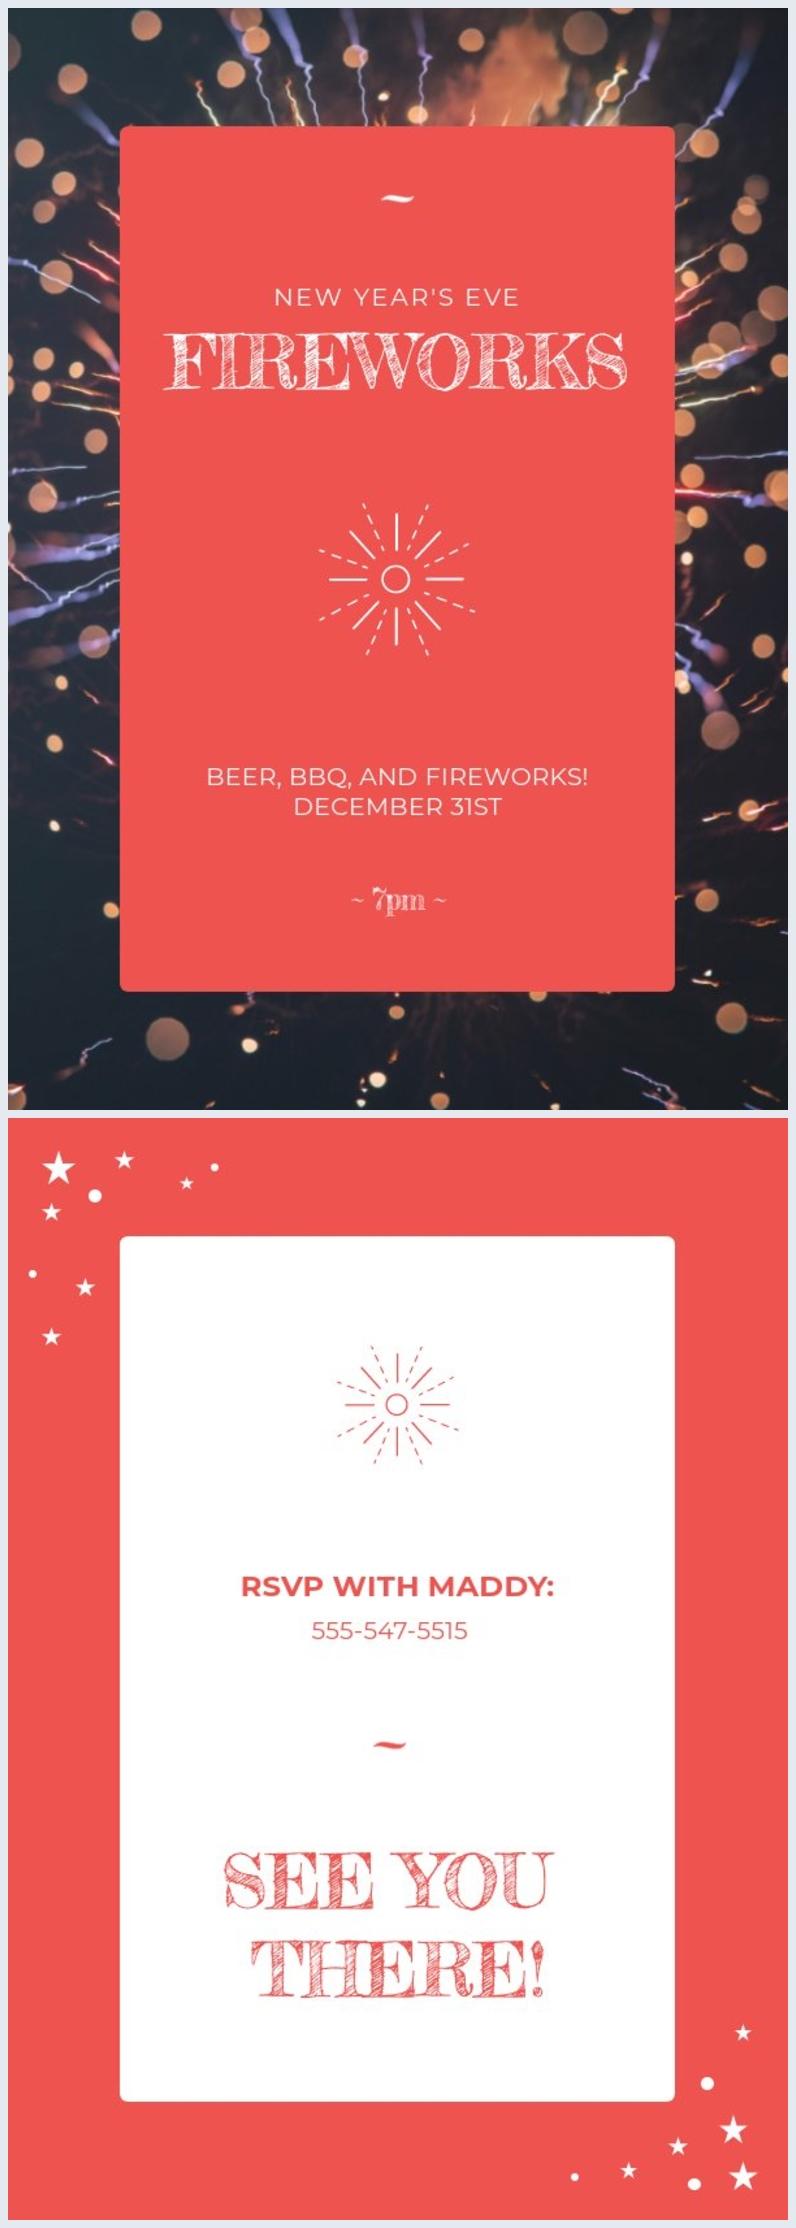 Plantilla para invitación a la víspera de Año nuevo